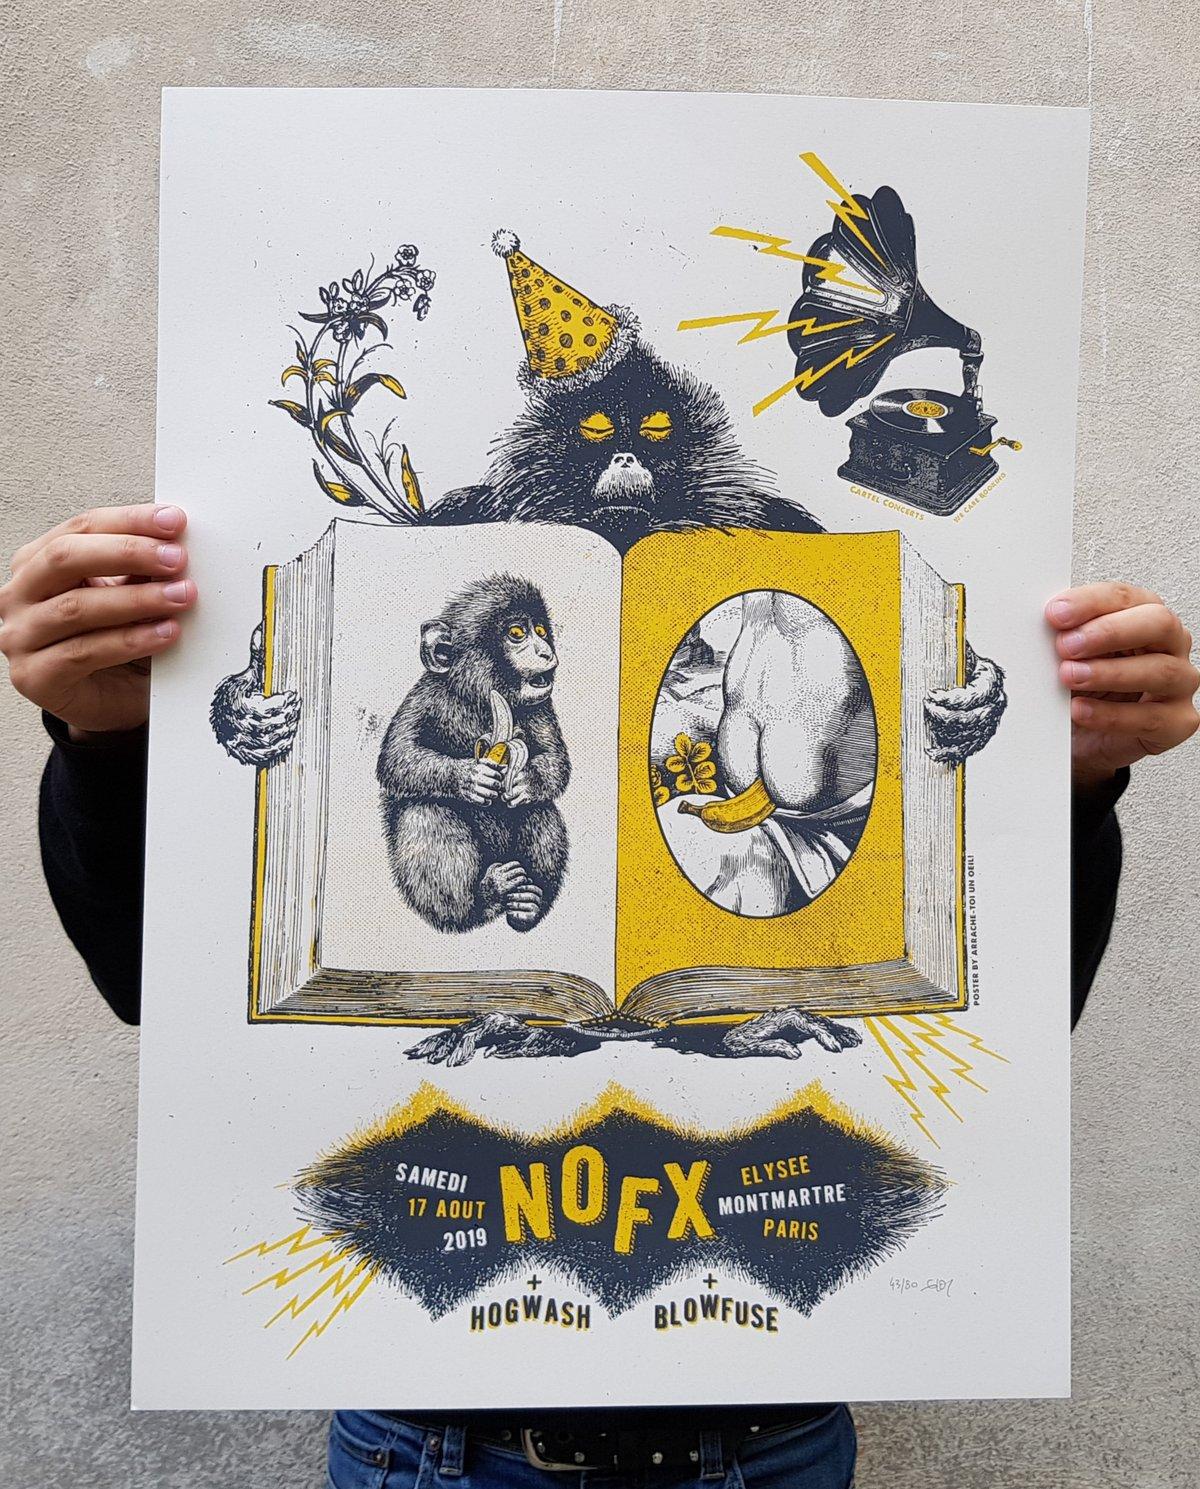 NOFX (gigposter Paris 2019)